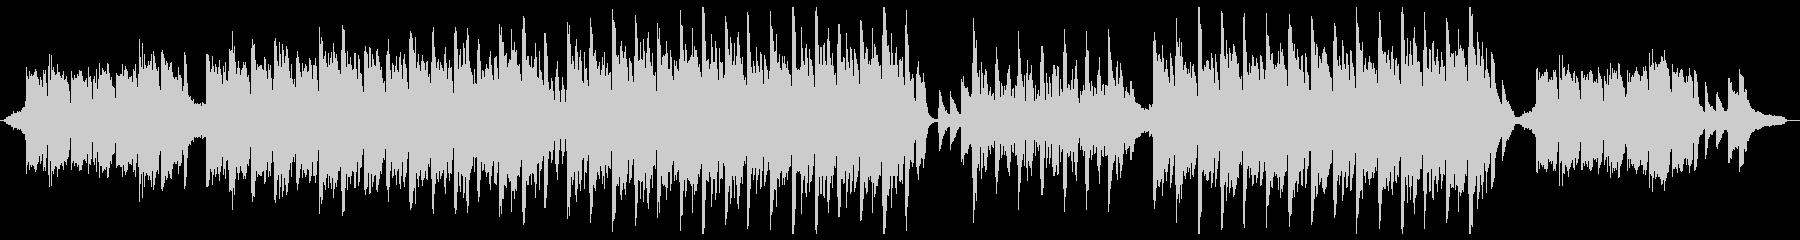 カジュアルなバイオリンポップ:Mギター抜の未再生の波形